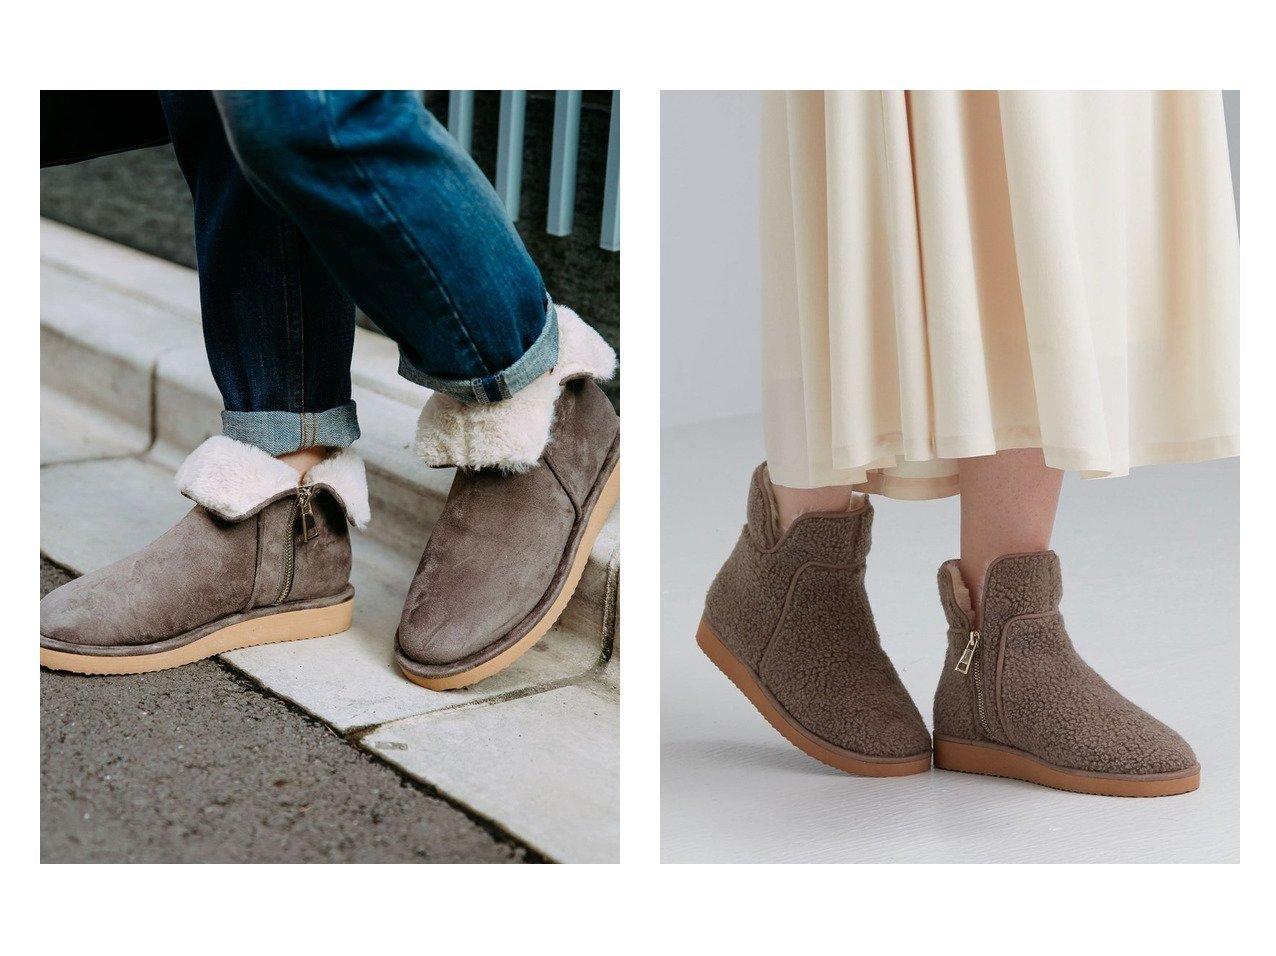 【green label relaxing / UNITED ARROWS/グリーンレーベル リラクシング / ユナイテッドアローズ】のSC フェイクファー ウォーム ショートブーツ シューズ・靴のおすすめ!人気、トレンド・レディースファッションの通販 おすすめで人気の流行・トレンド、ファッションの通販商品 メンズファッション・キッズファッション・インテリア・家具・レディースファッション・服の通販 founy(ファニー) https://founy.com/ ファッション Fashion レディースファッション WOMEN ウォーム シューズ ショート シンプル ジップ フェイクファー ロング 冬 Winter 防寒 |ID:crp329100000012956